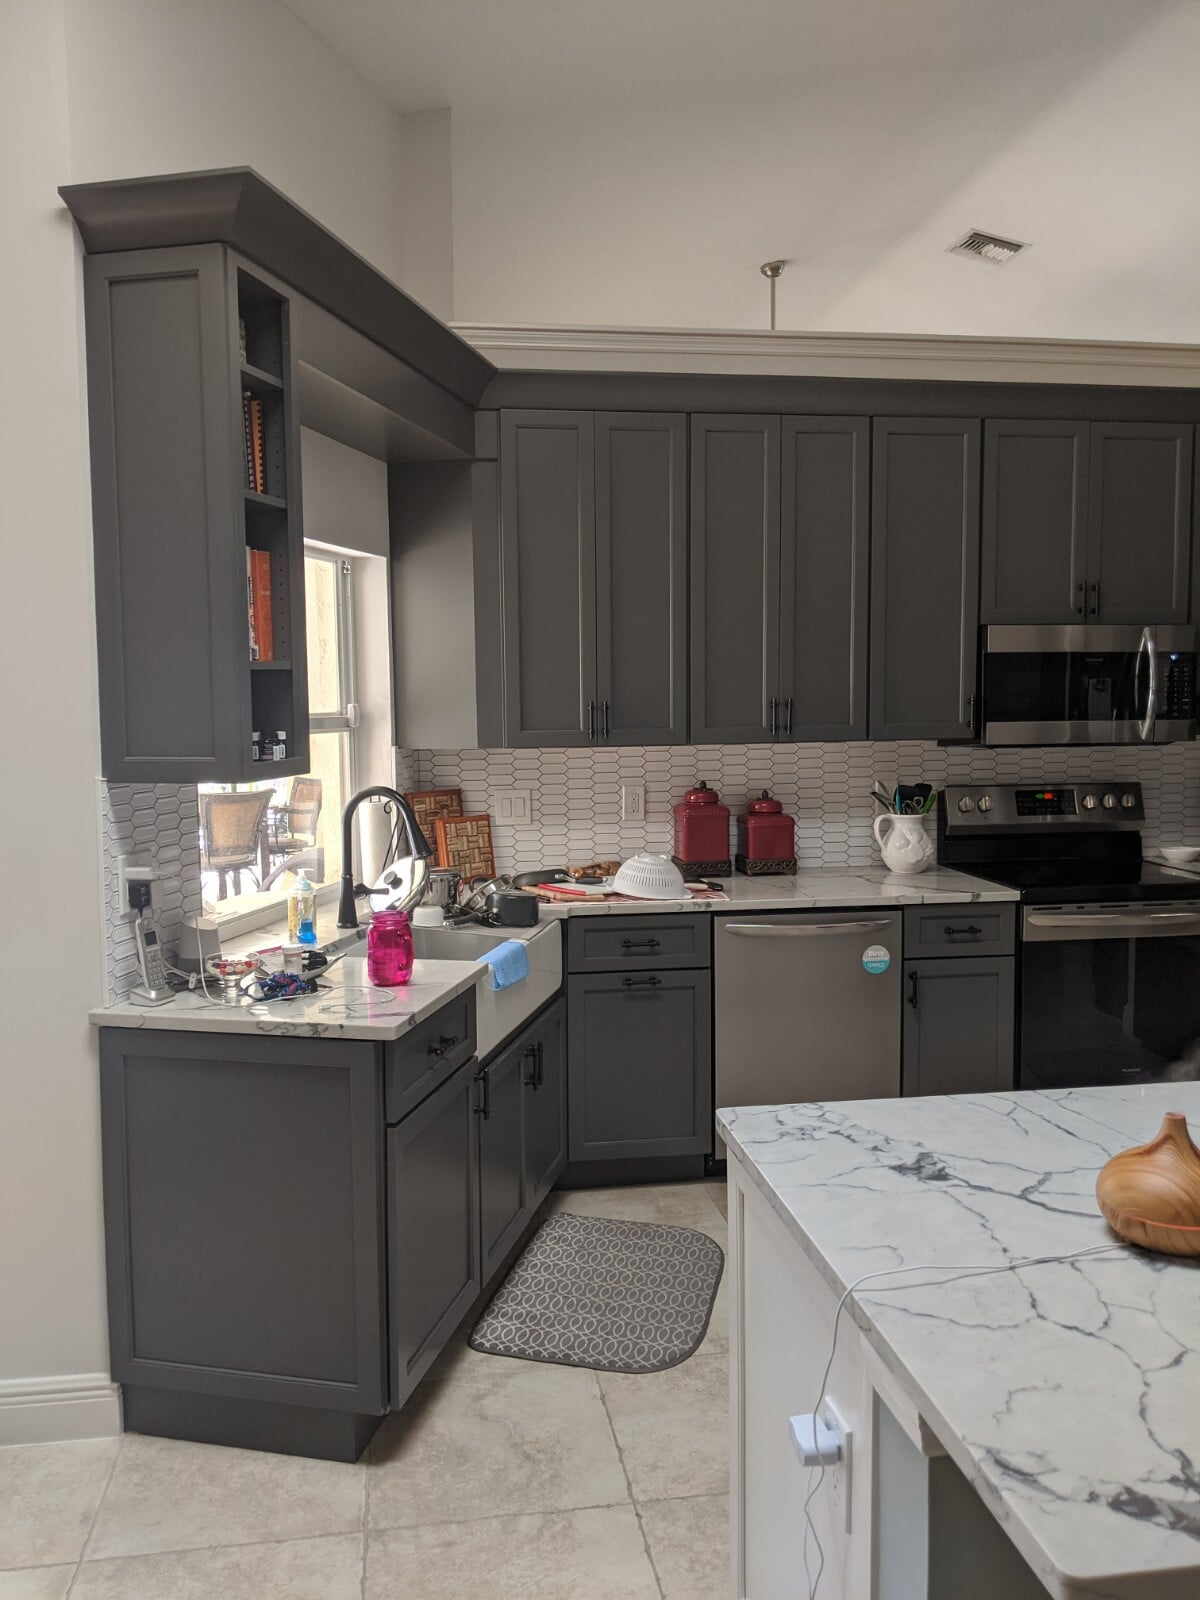 Dream kitchen design in Port Saint Lucie, FL from Agler Kitchen, Bath & Floors